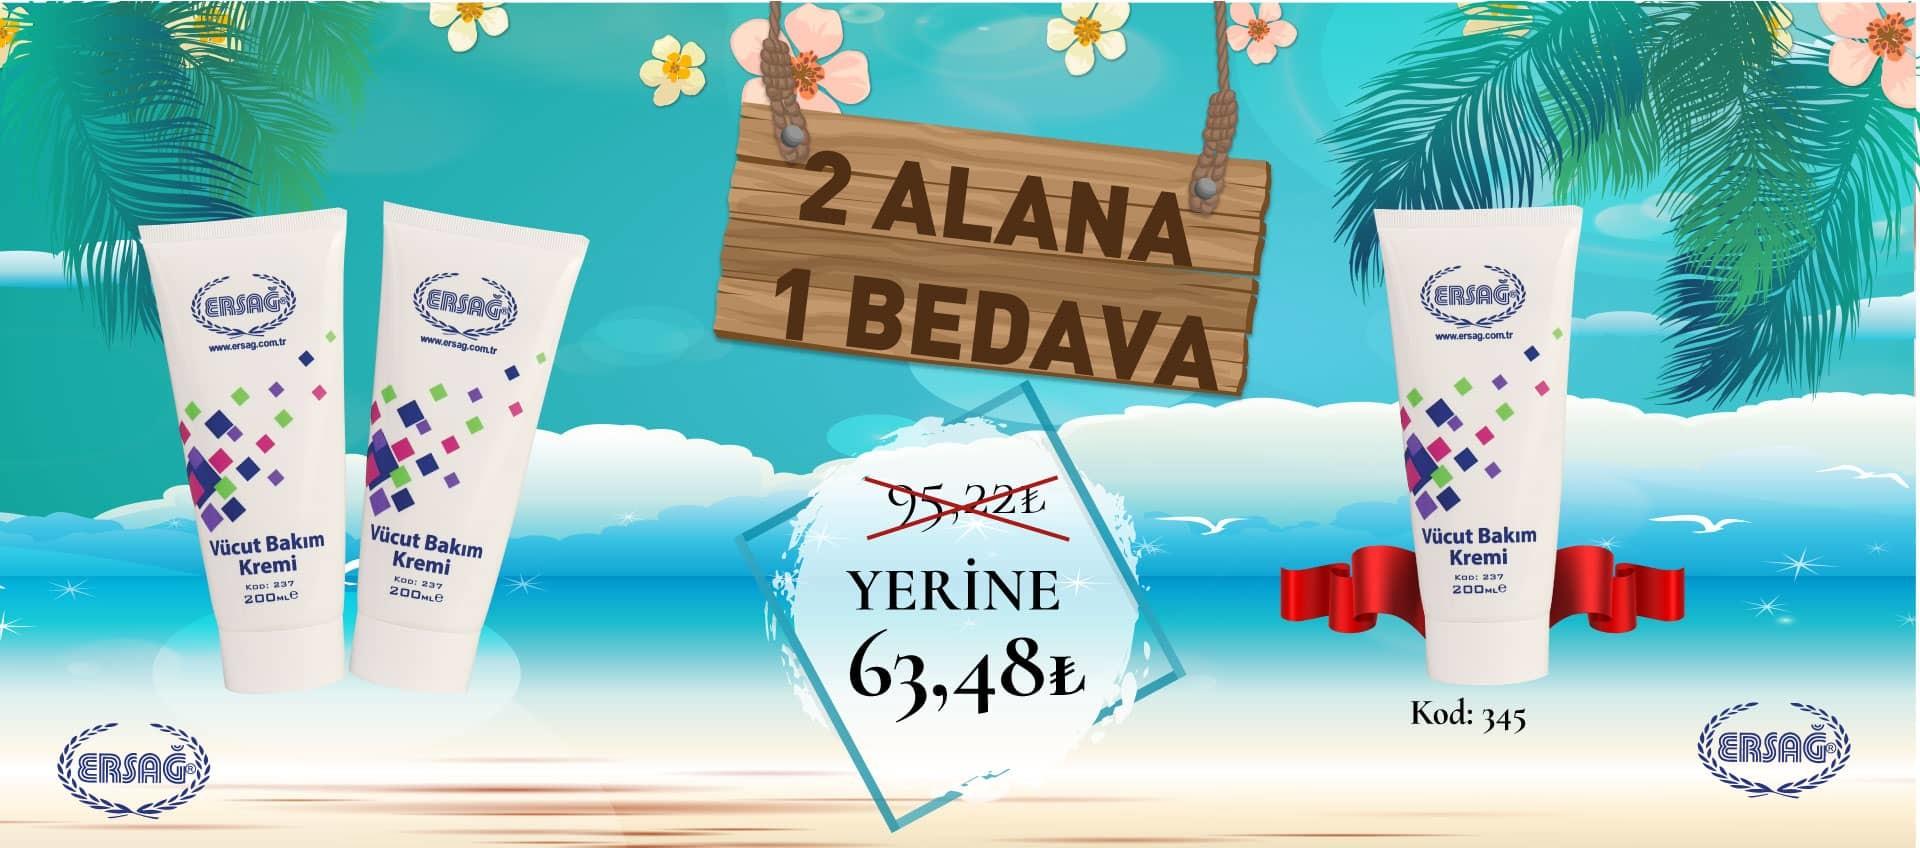 Ersağ Kıbrıs Nisan 2'ci Dönem 2 Alana 1 Bedava Promosyonu